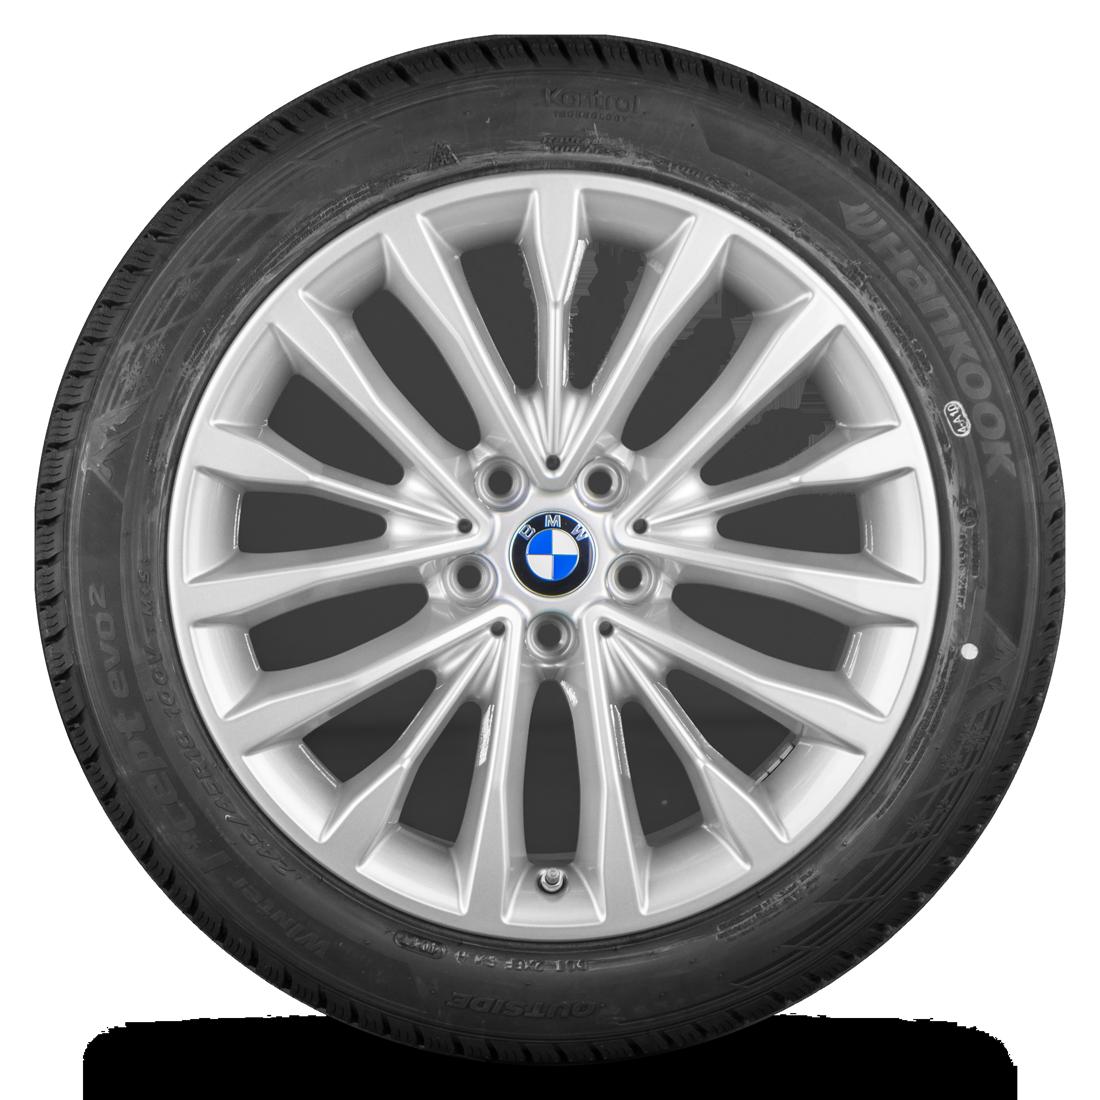 BMW 5er G30 G31 18 Zoll Alufelgen Winterreifen Winterräder Styling 632 NEU